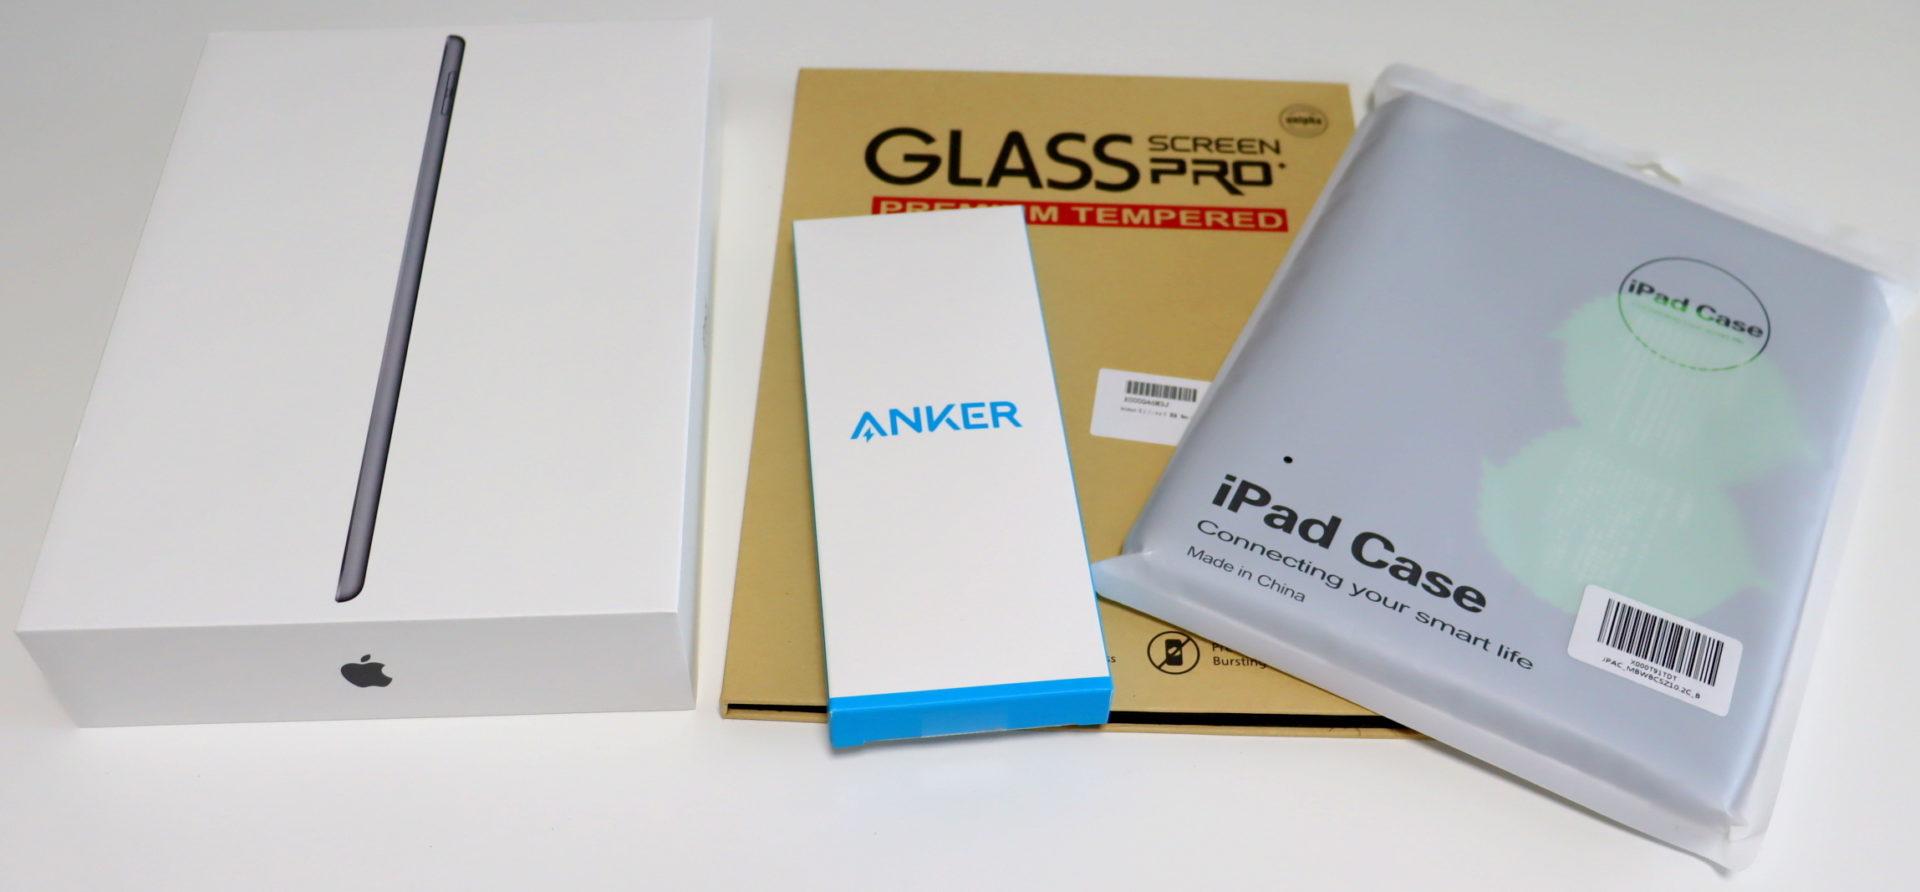 iPadと一緒に購入したアクセサリー